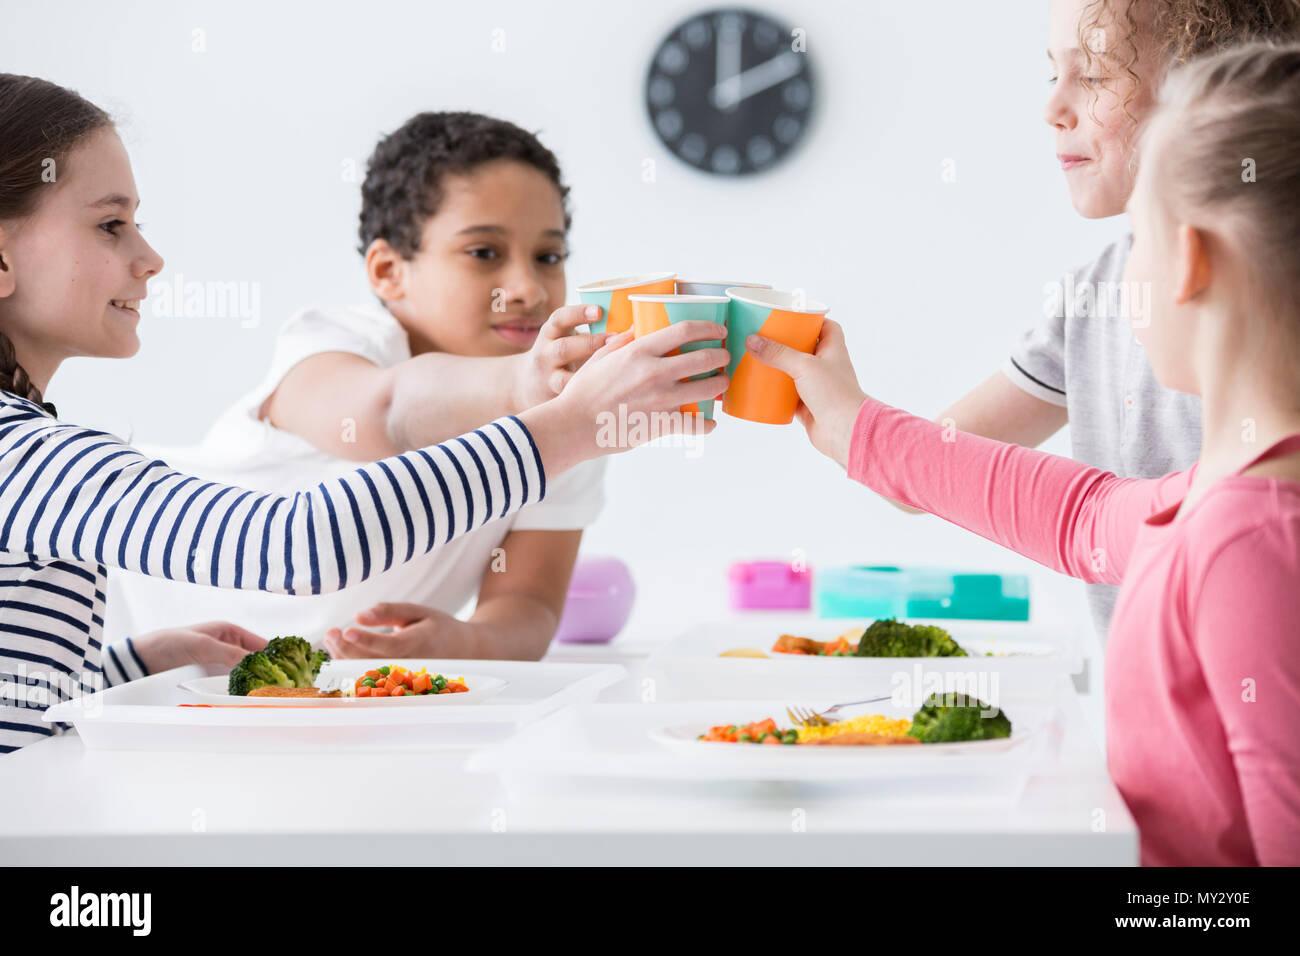 Los niños felices haciendo un brindis durante la fiesta de cumpleaños de un amigo en casa Imagen De Stock